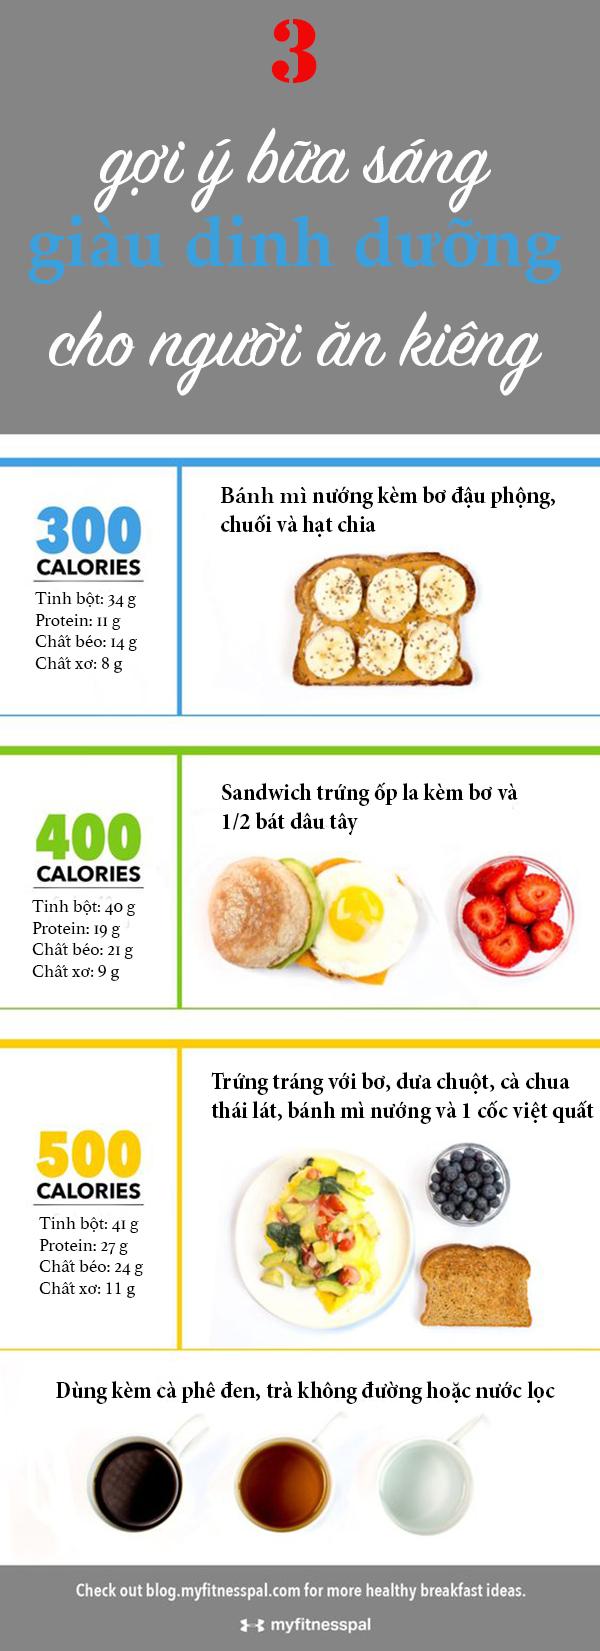 3 gợi ý bữa sáng giàu dinh dưỡng cho người giảm cân